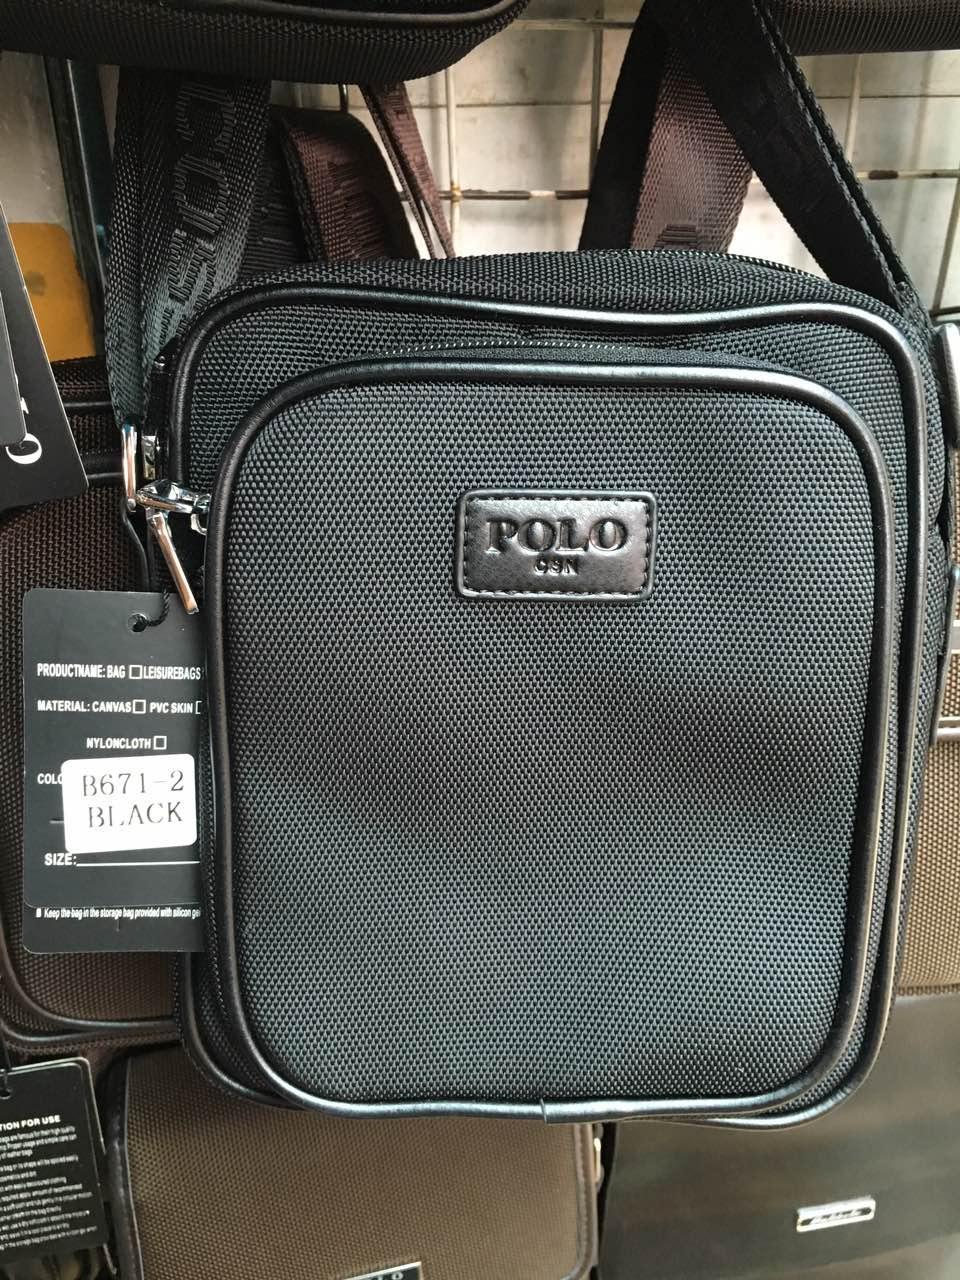 Мужская сумка через плечо от фирмы Polo полиэстер опт розница